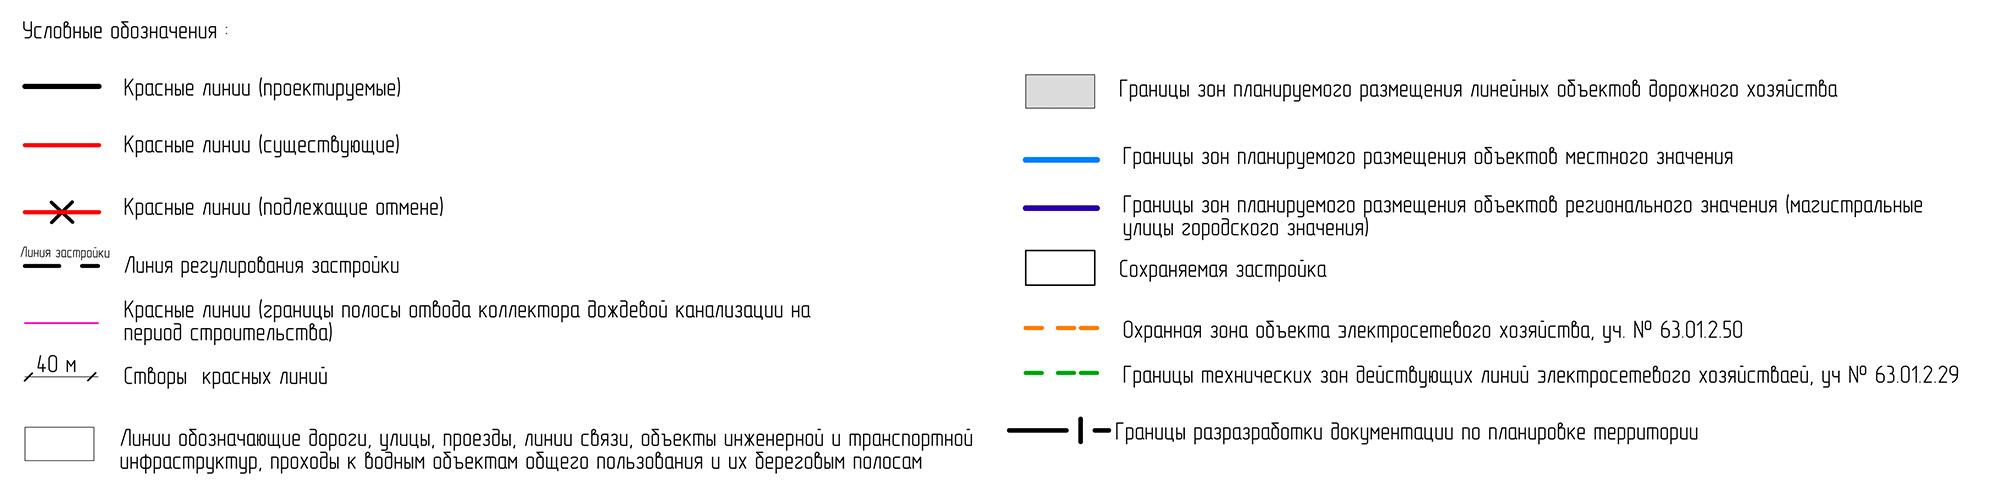 Проект планировки территории по ул Алма Атинской повторный  Визуализацию проекта ул Алма Атинской можно посмотреть здесь а старый материал по публичным слушаниям по этому объекту здесь